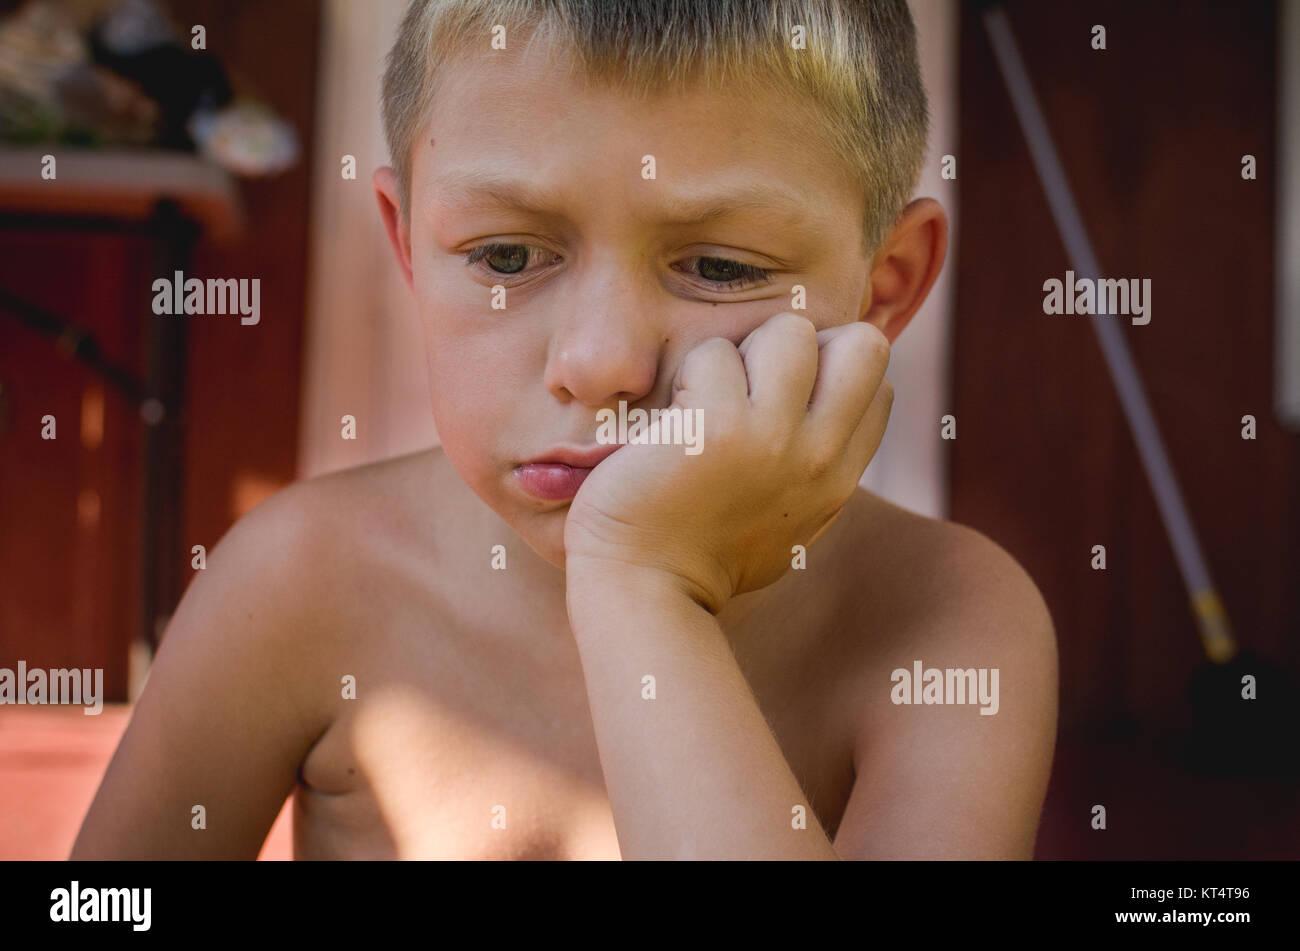 Un giovane ragazzo che guarda triste. Foto Stock